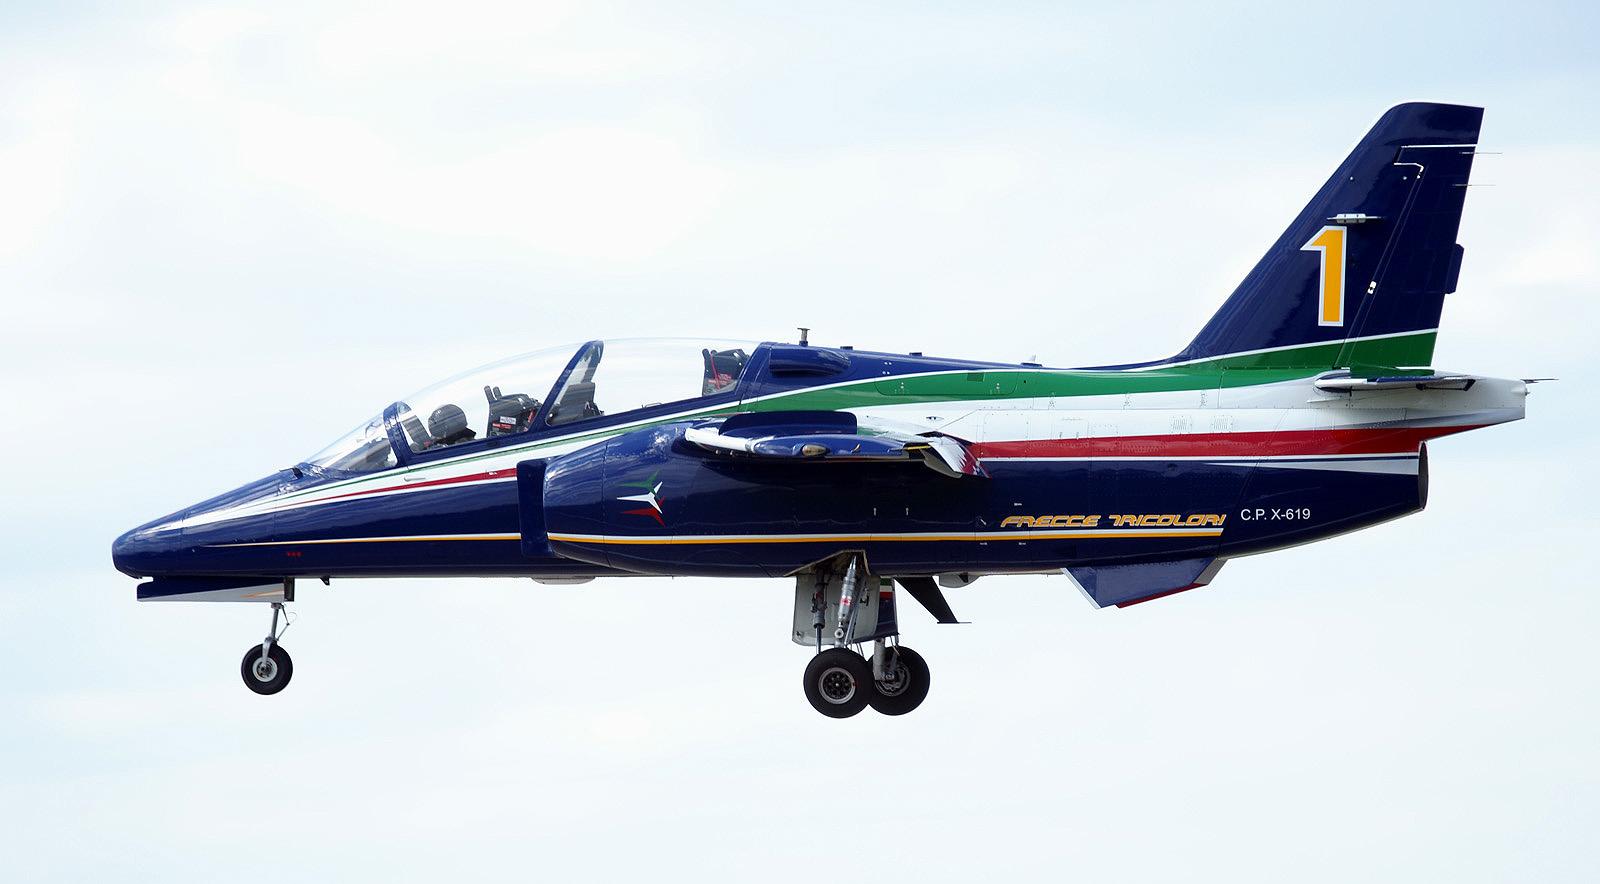 M-345 C.P.X-619/1 Alenia-Aermacchii, Frecce Tricolori